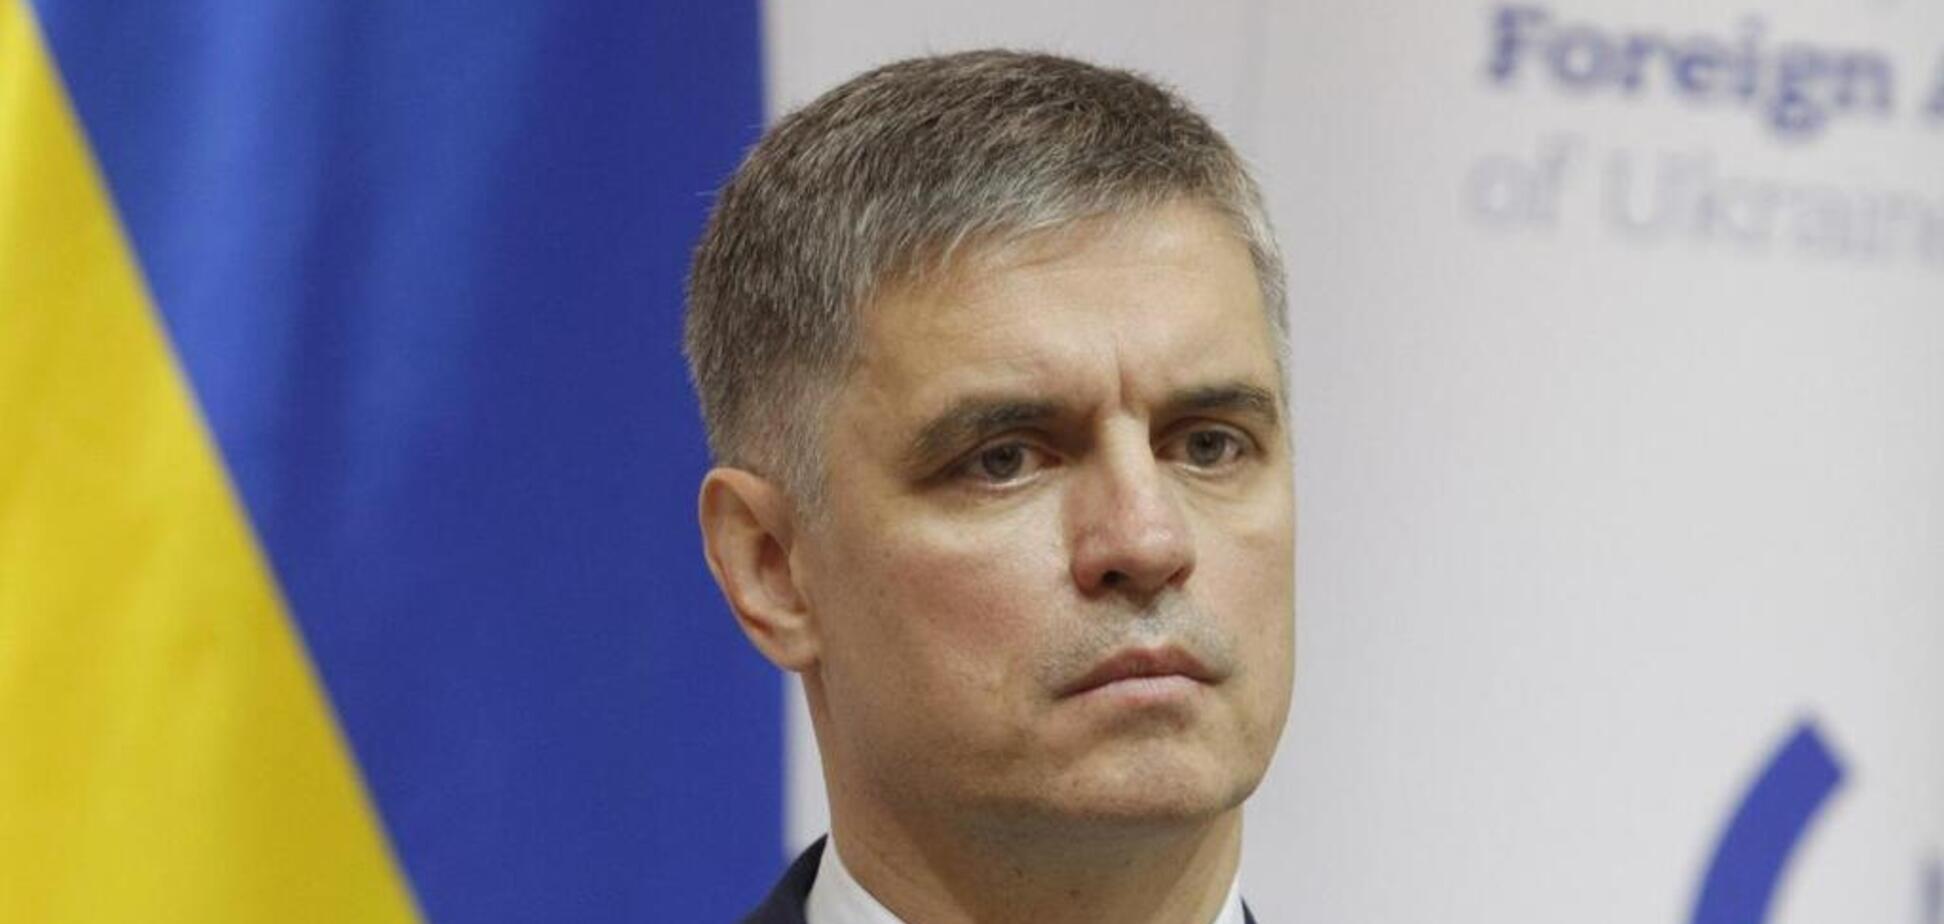 Путин замахнулся на 'русскую' часть Украины: Пристайко поставил его на место